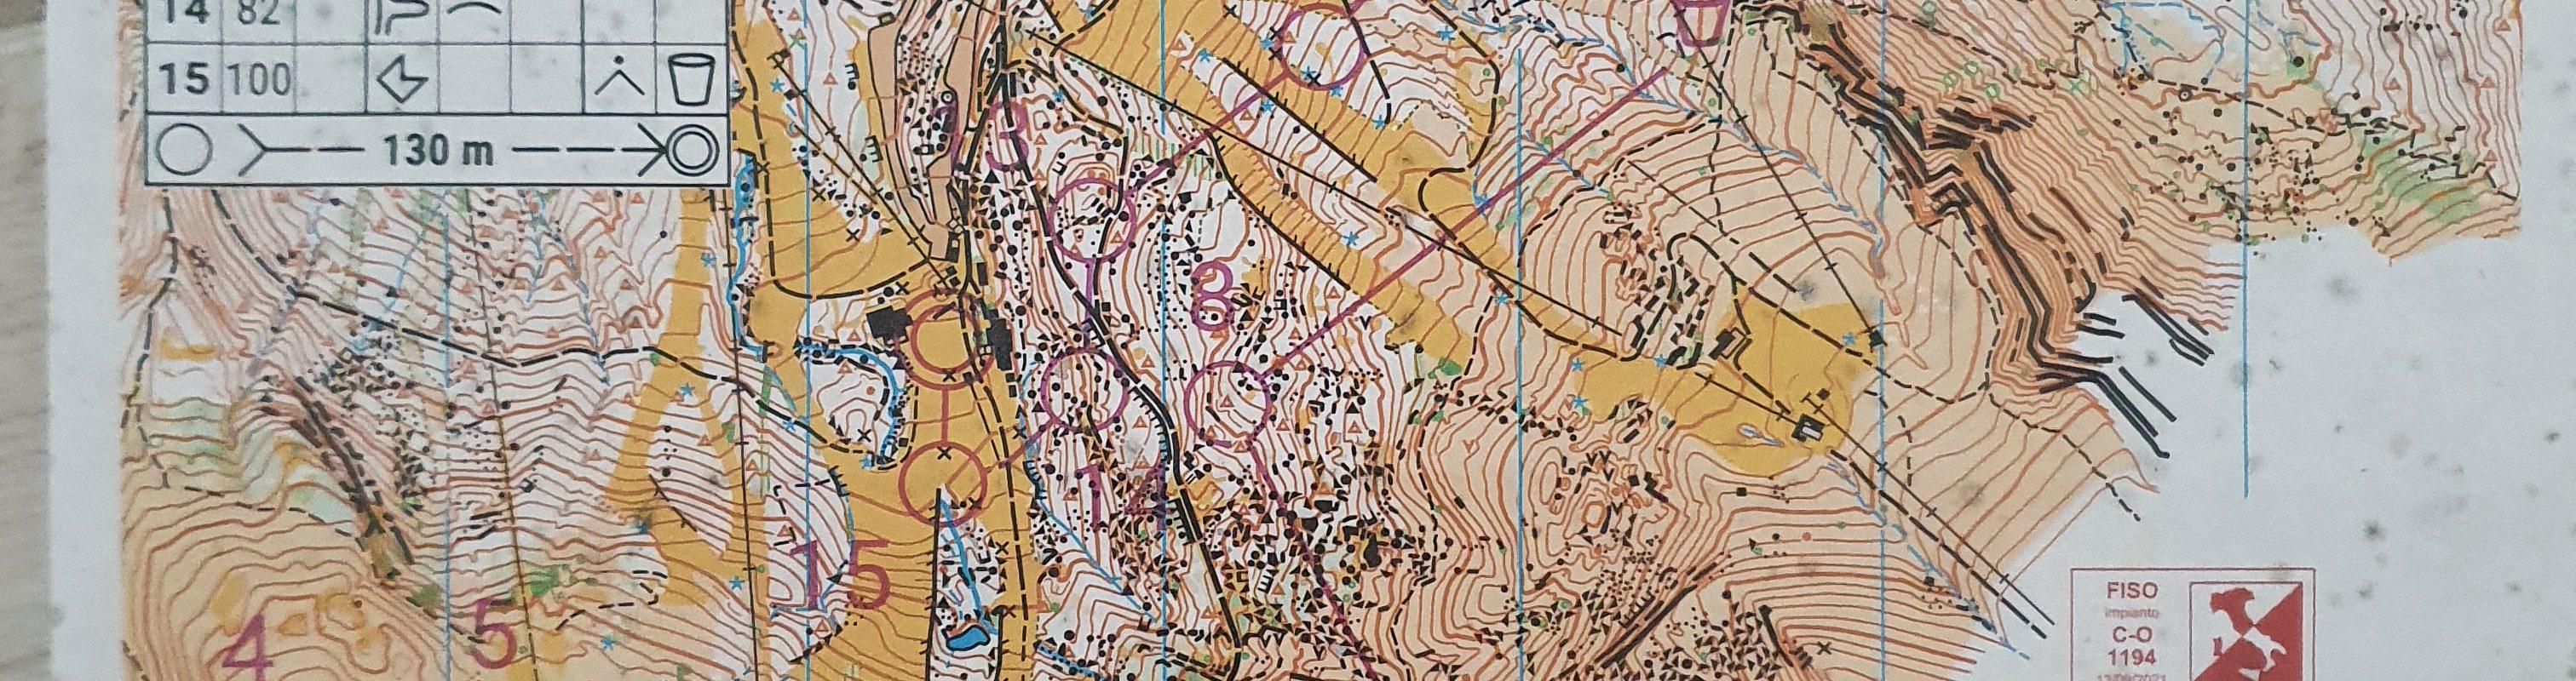 Mappa Corno alle Scale